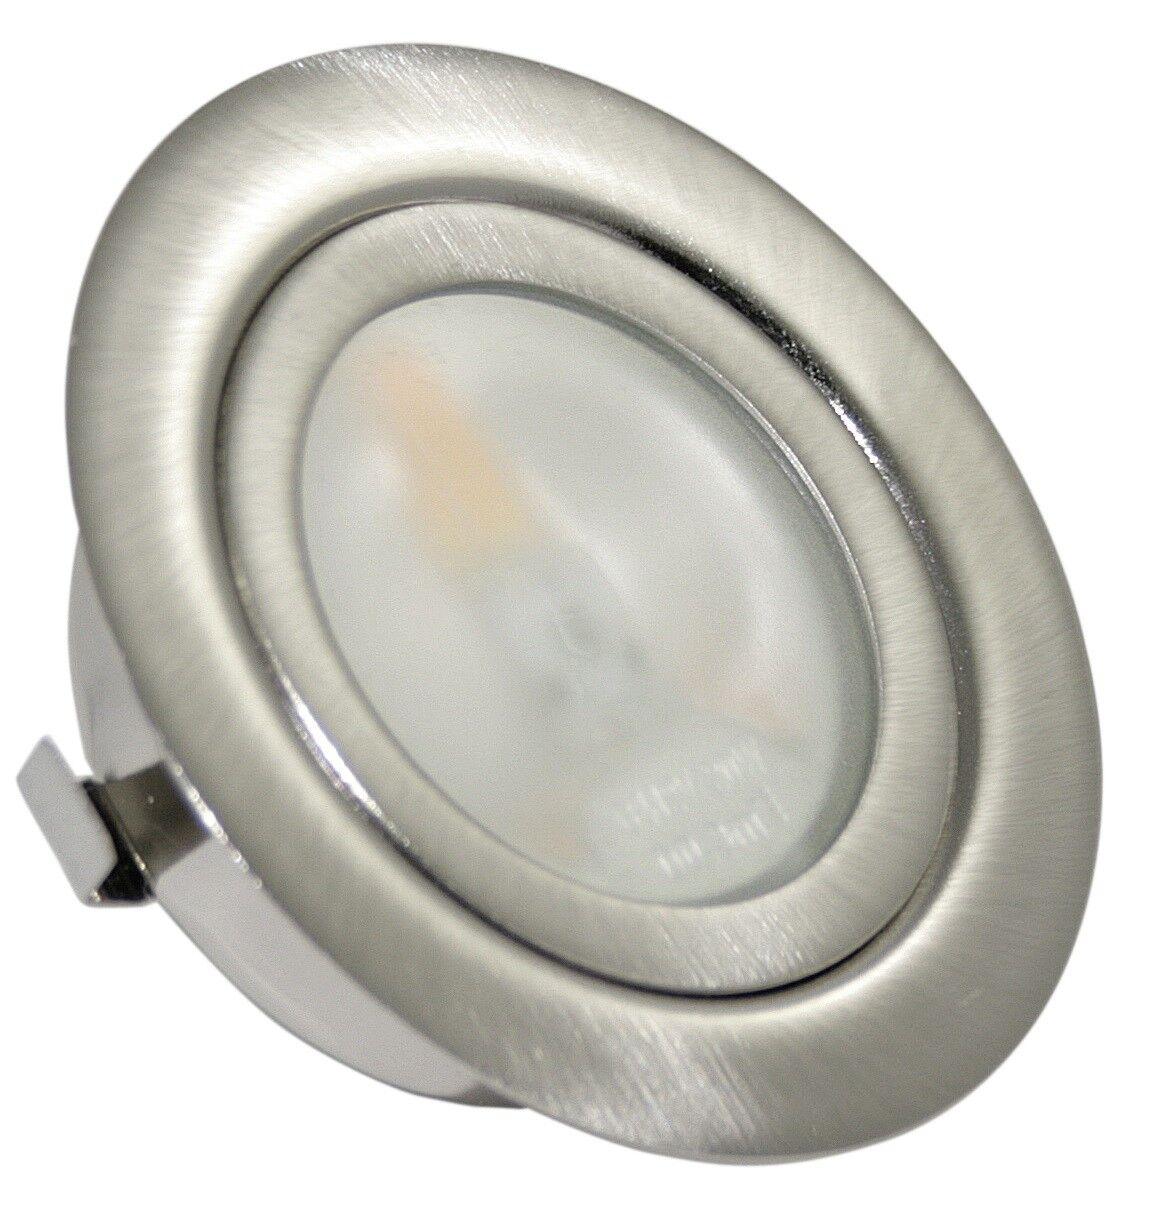 Möbeleinbauleuchte mit LED oder Haloge 12V 2W oder 20W Halogen Birne warmweiß